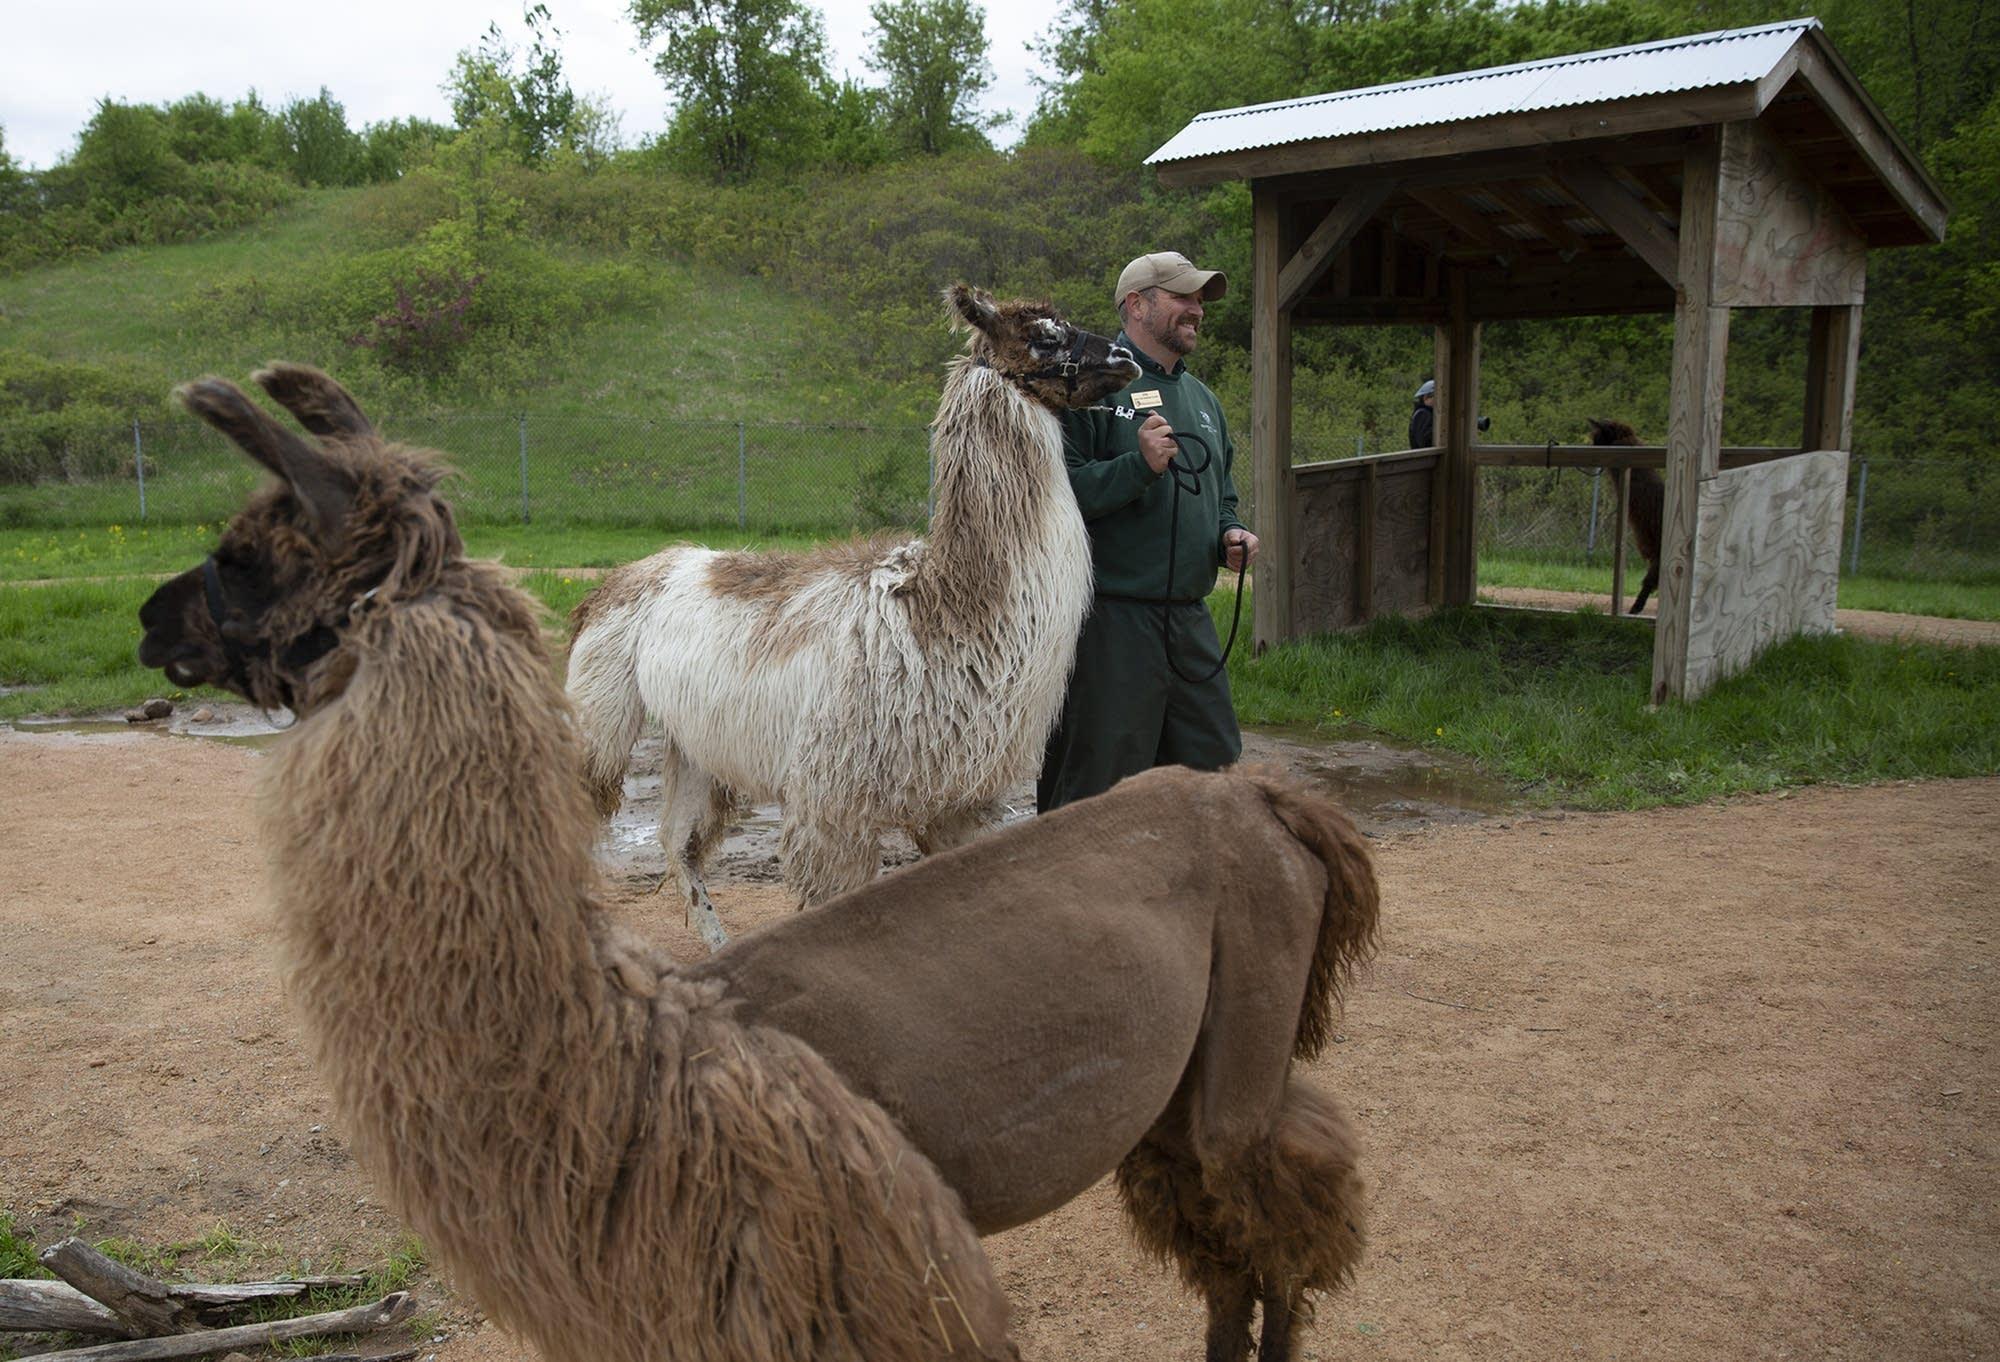 Jim Sanford, assistant curator of Llama Trek, walks a llama.